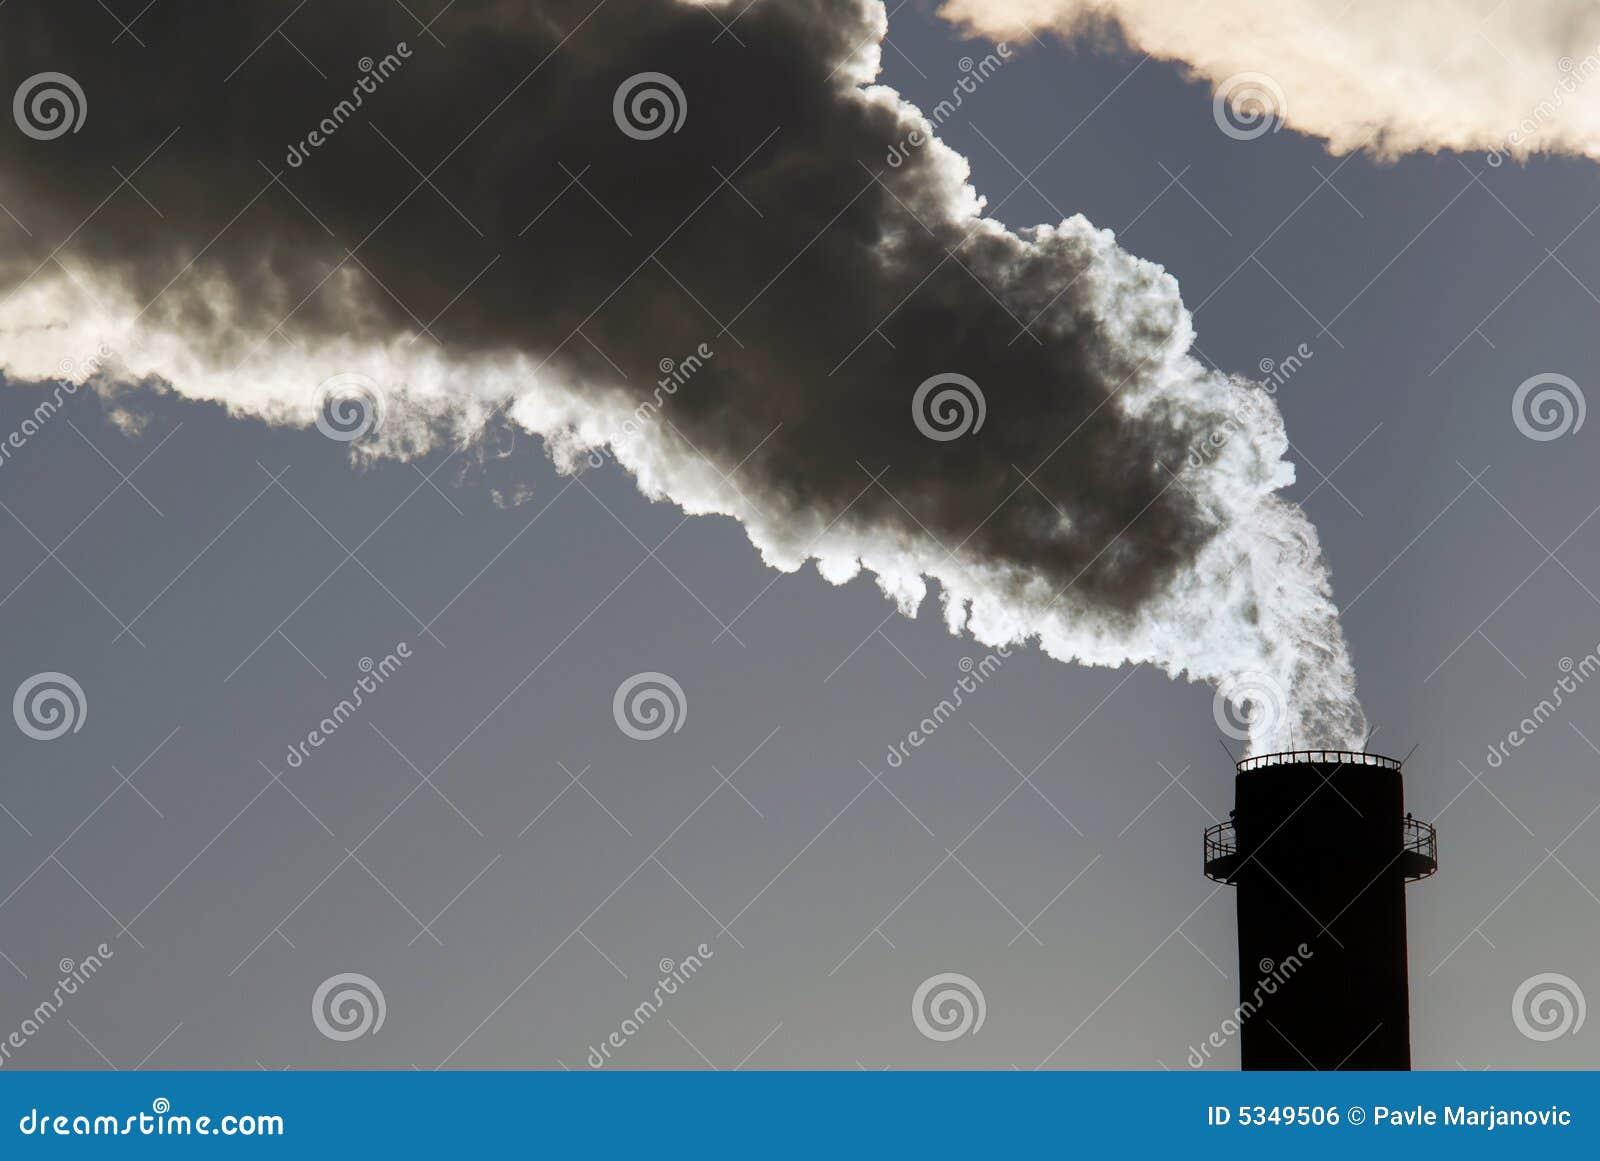 覆盖二氧化碳危险含毒物